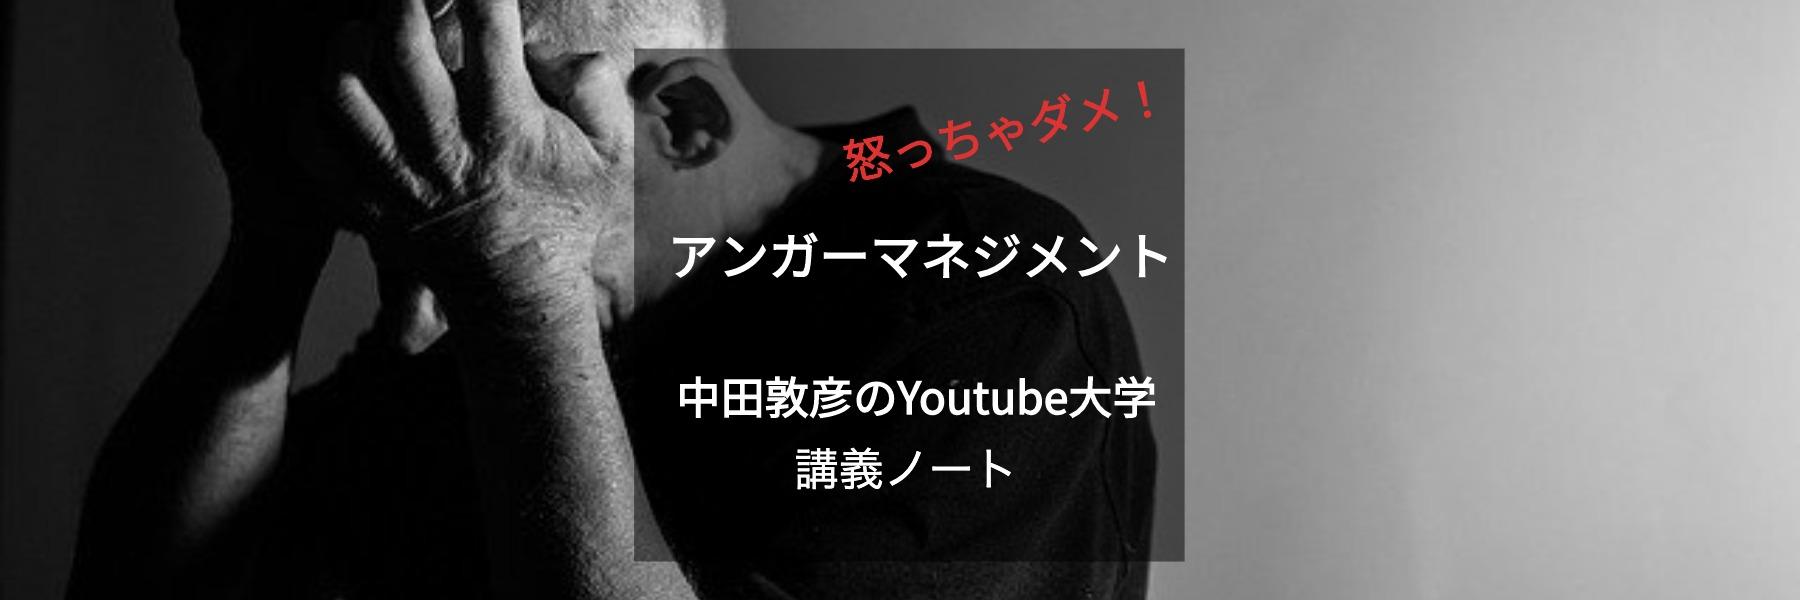 中田敦彦のYoutube大学の講義メモ:アンガーマネジメント